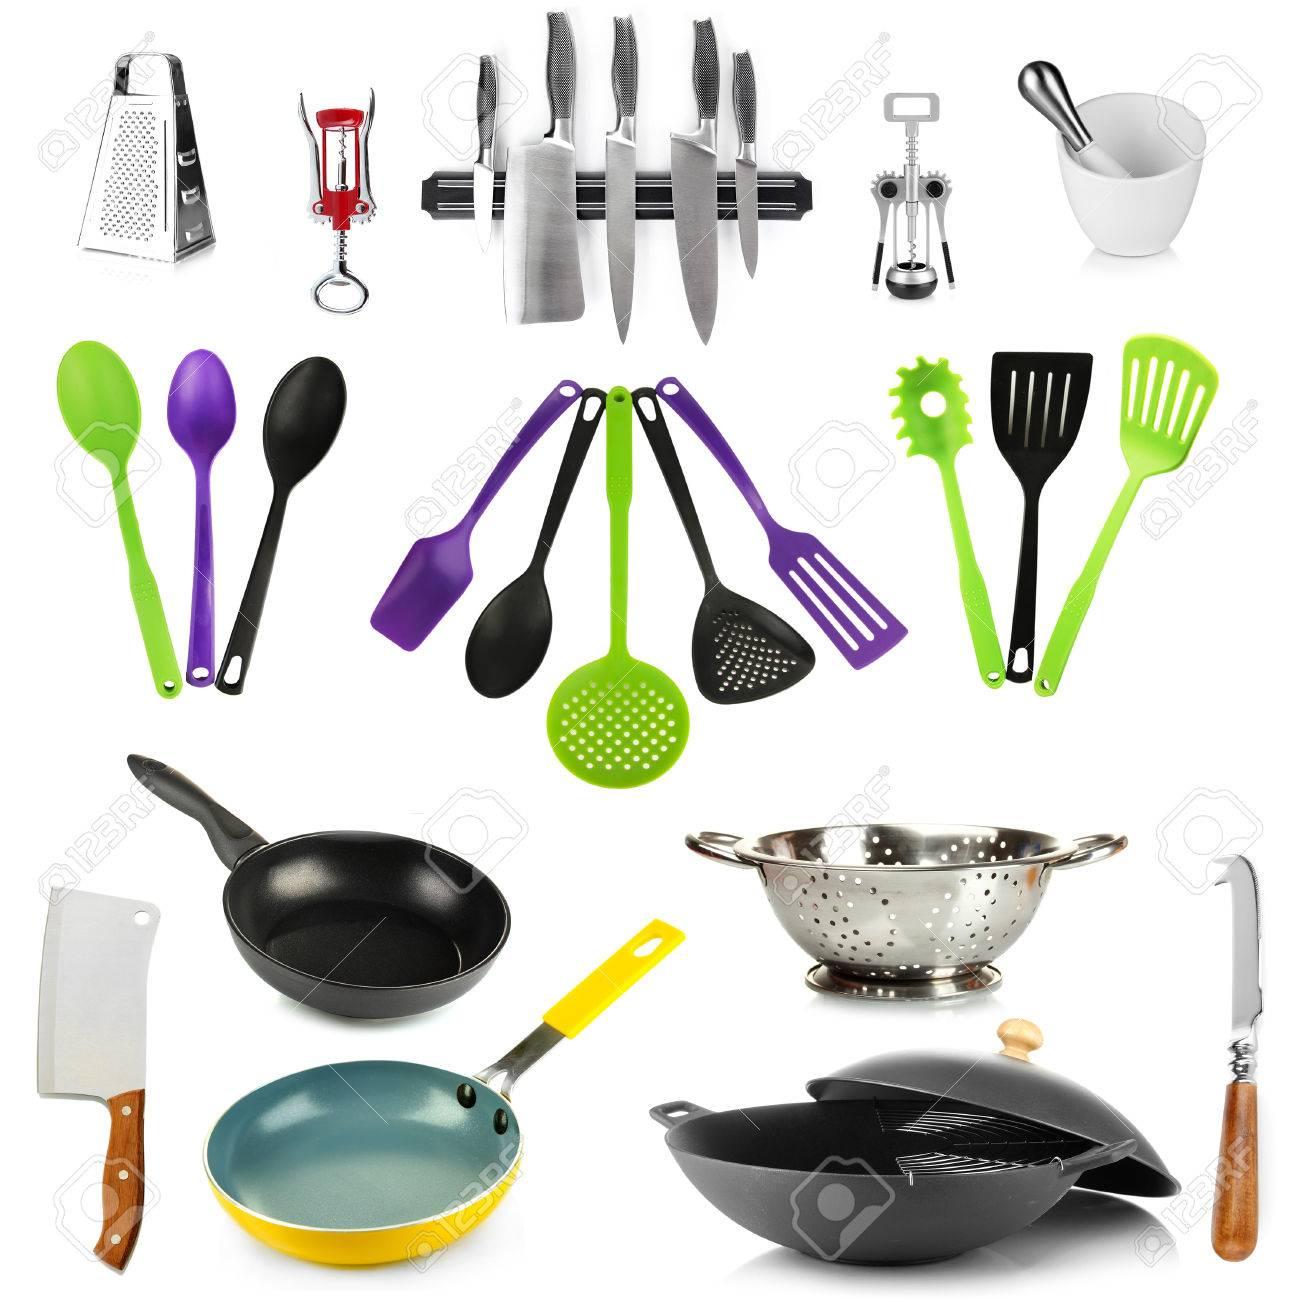 Herramientas De Cocina | Coleccion De Herramientas De Cocina Aislado En Blanco Fotos